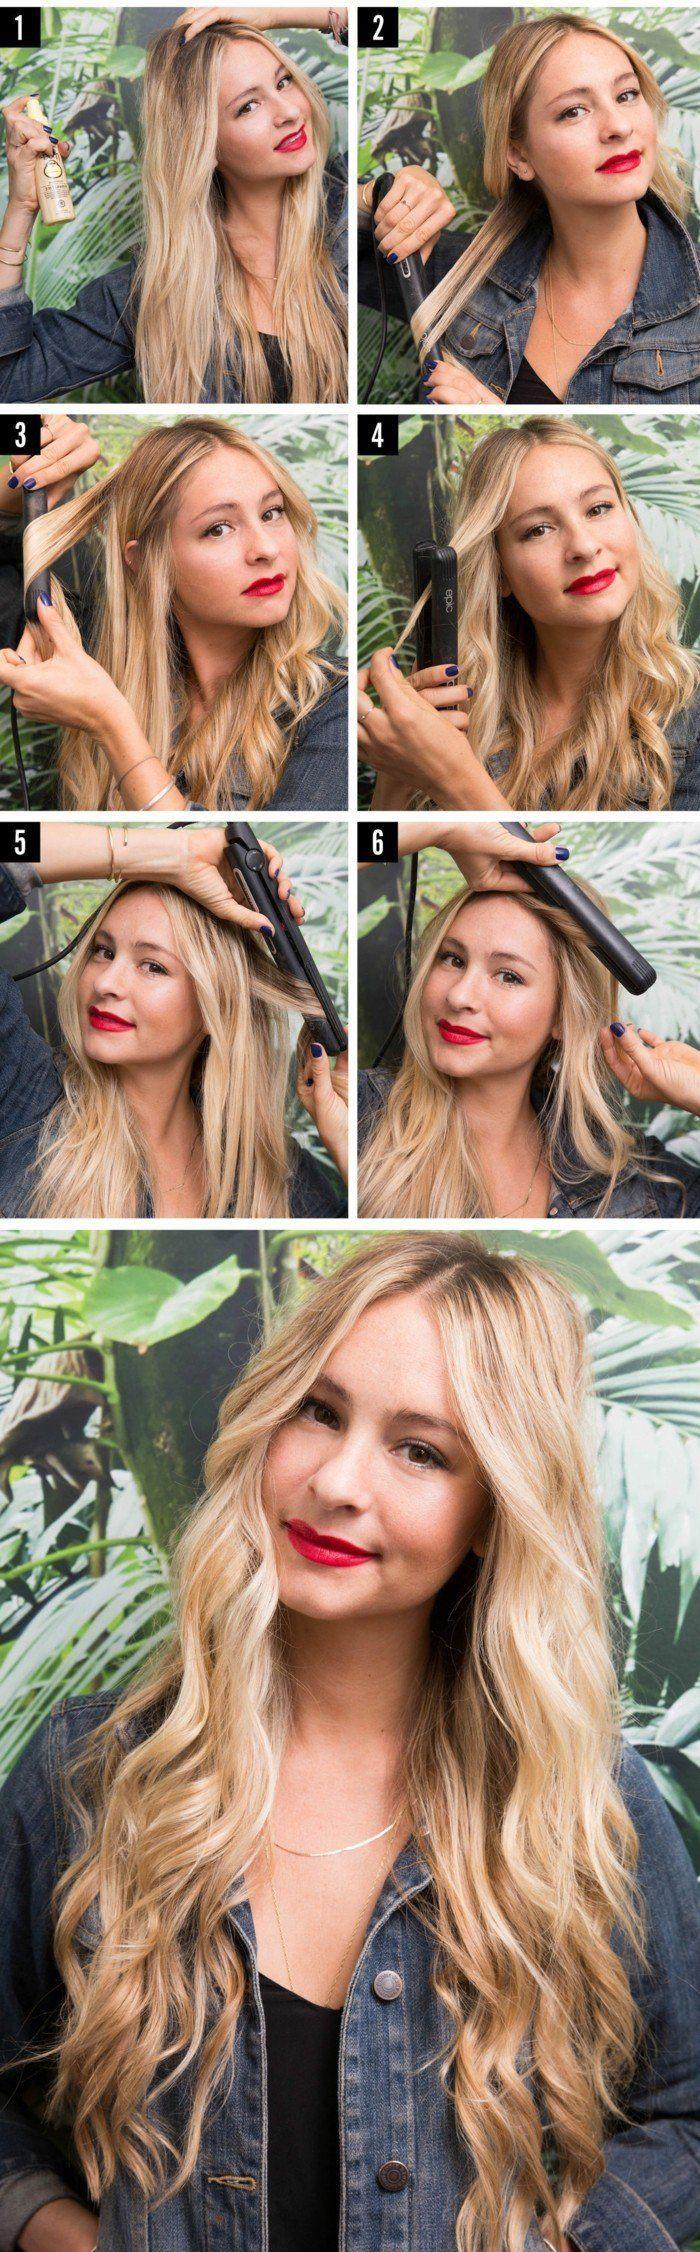 les étapes essentielles à suivre pour friser ses cheveux au fer à boucler